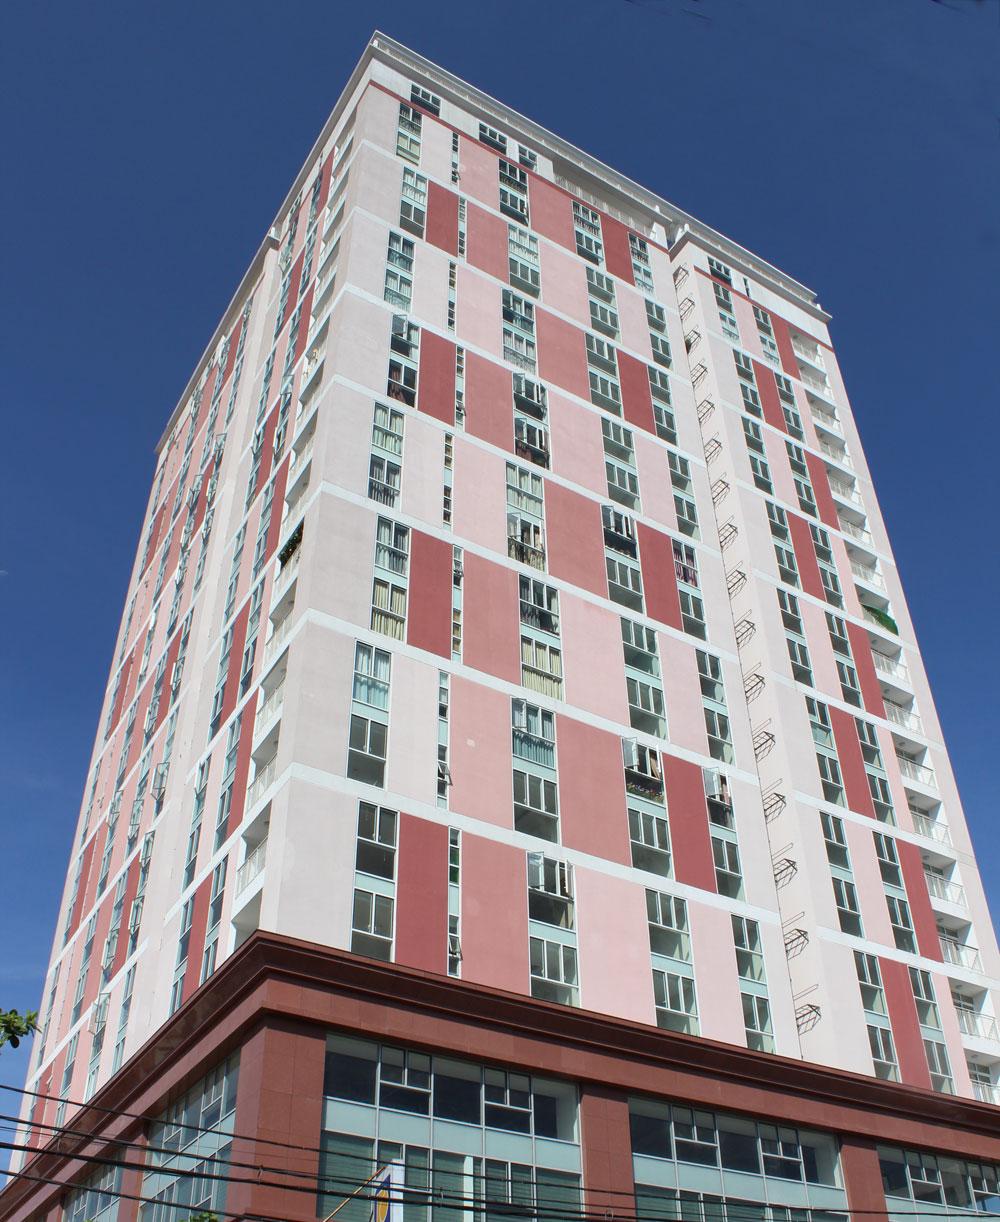 Báo giá cho thuê căn hộ chung cư Thanh Đa View